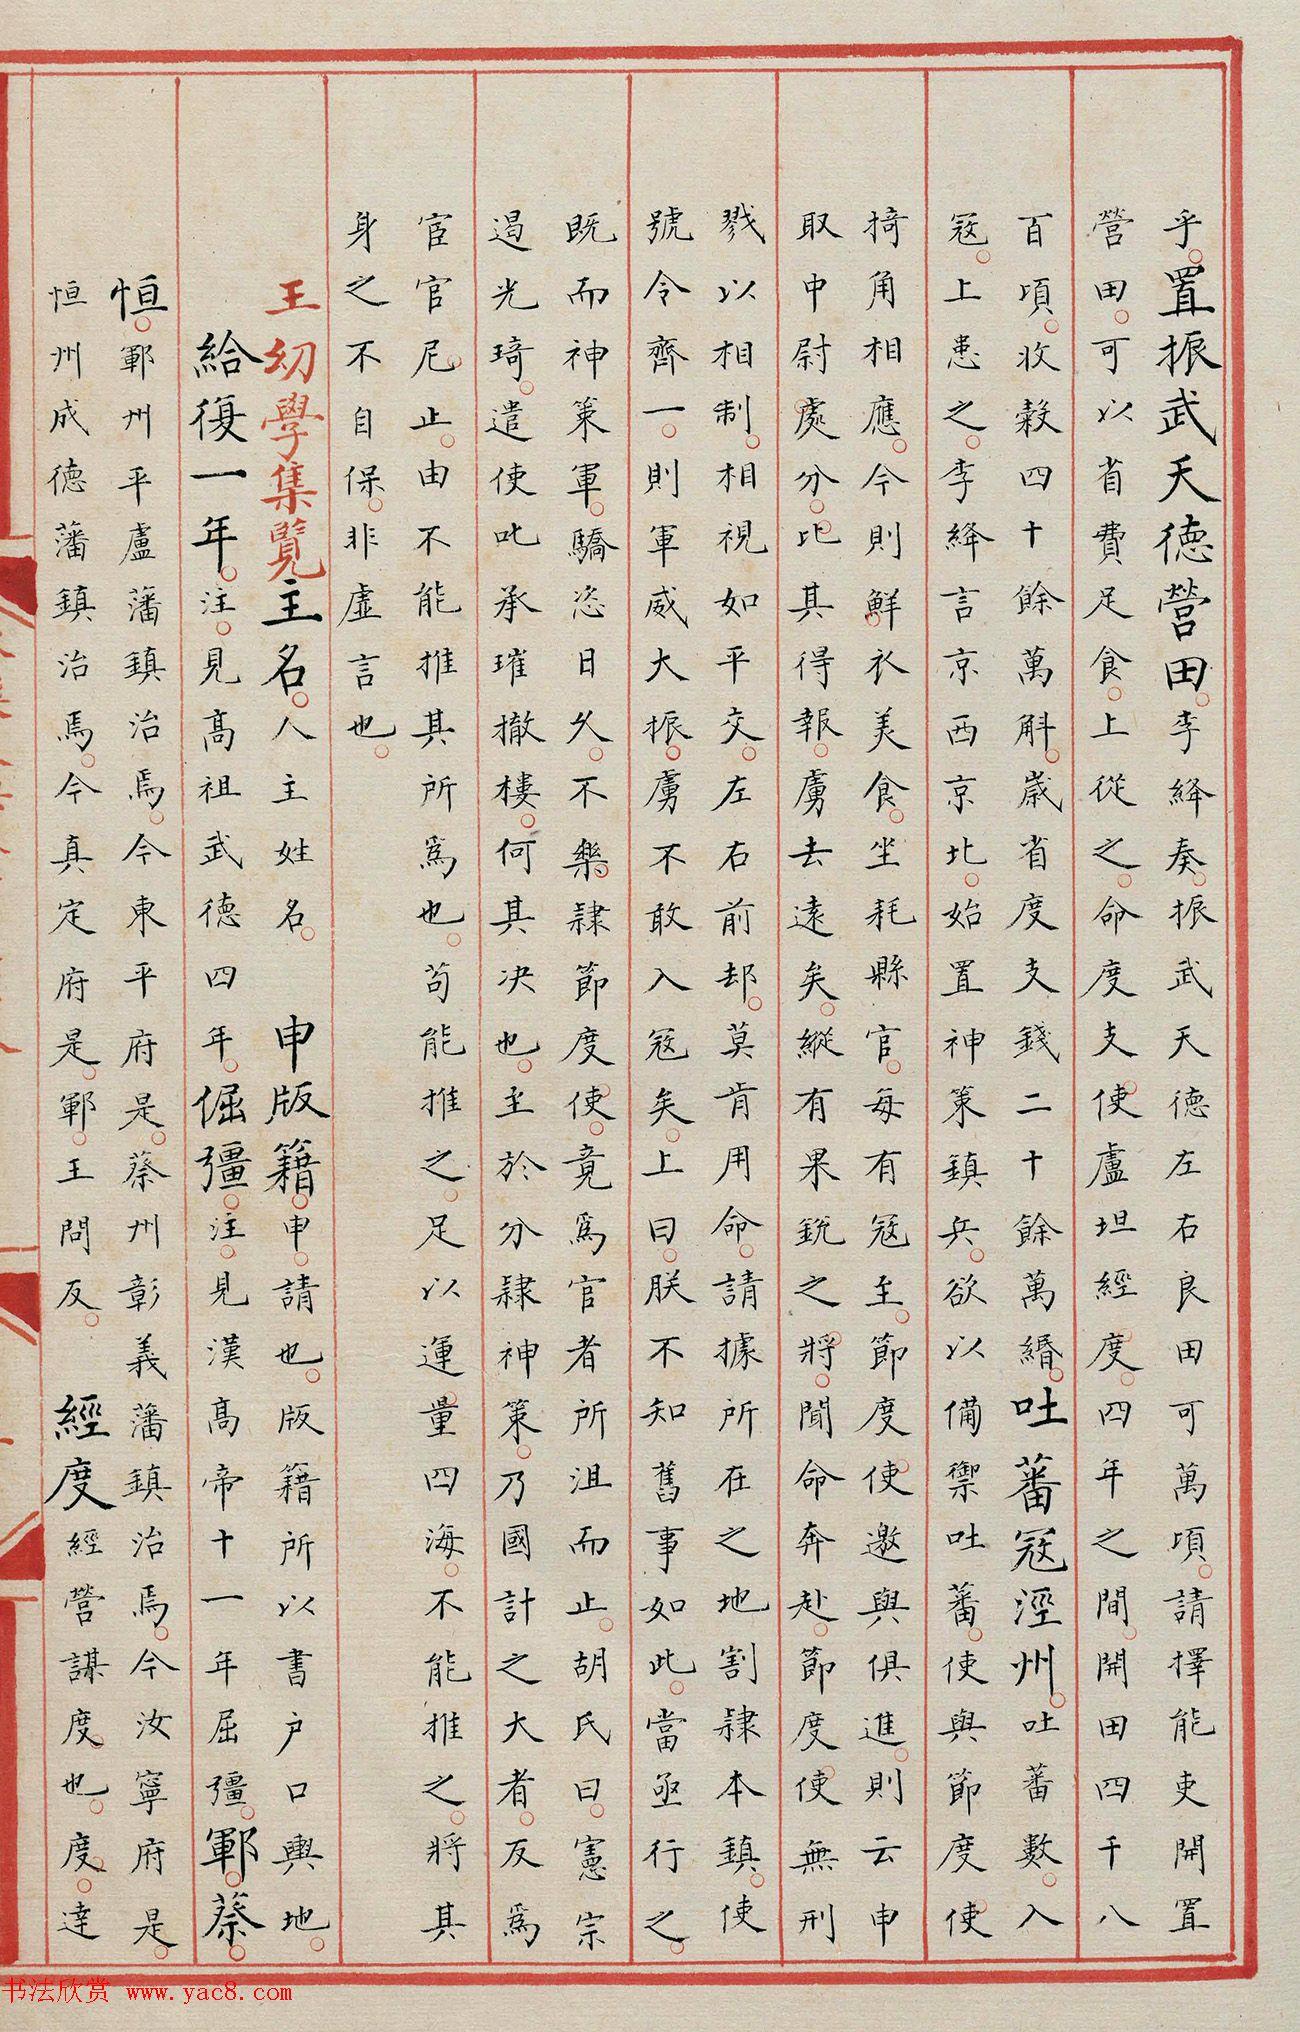 明代小楷《永乐大典》7078卷重写本